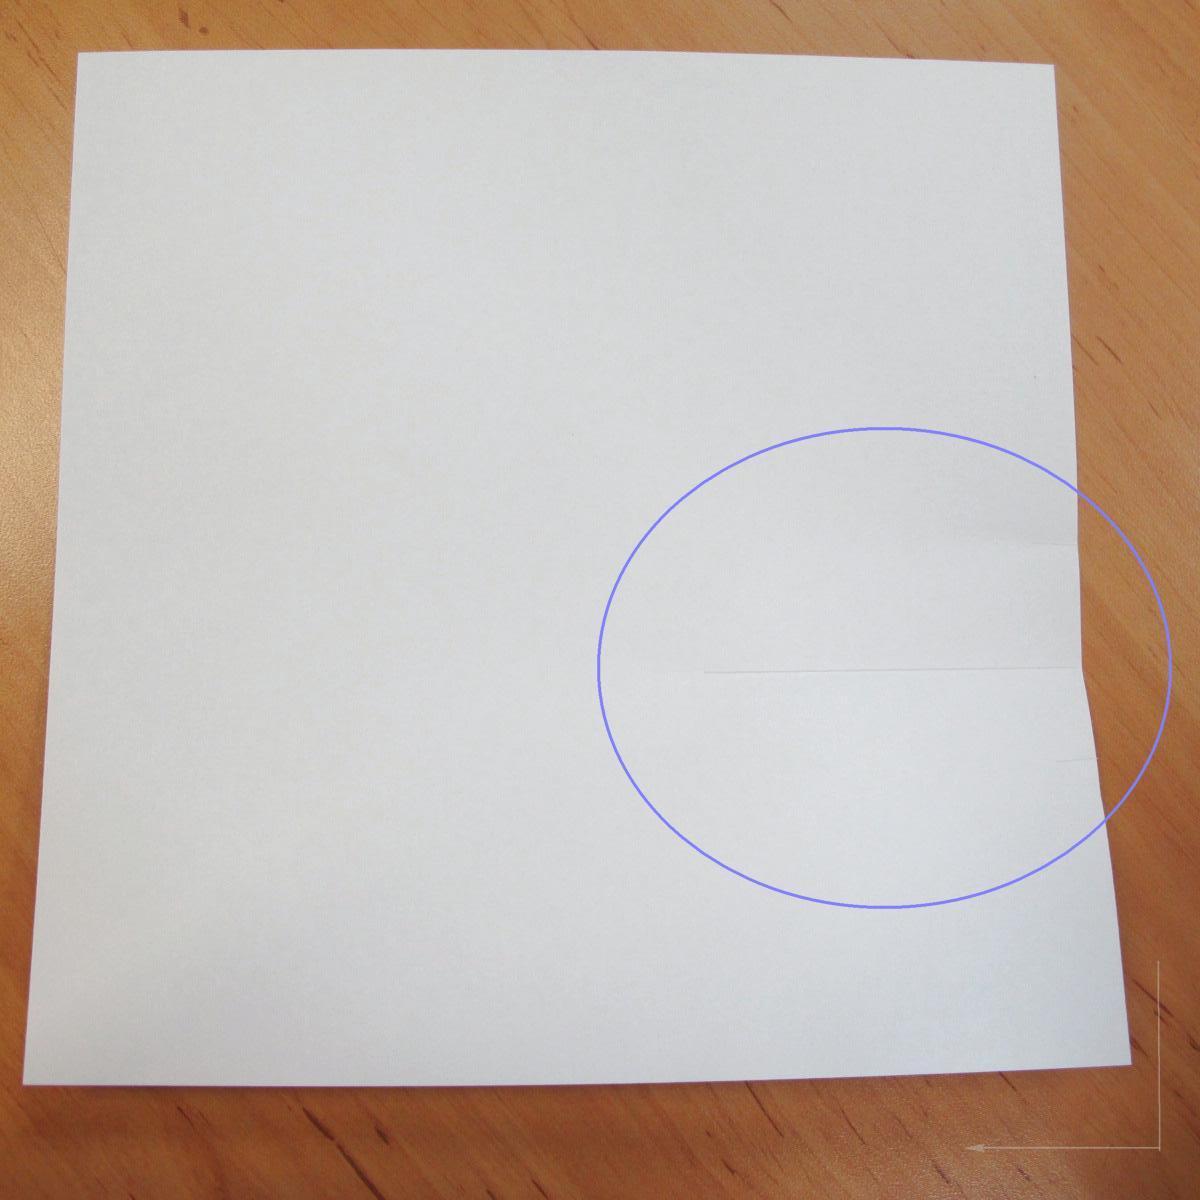 สอนการพับกระดาษเป็นที่ใส่ของรูปกลีบกุหลาบ (Rose box origami) 010